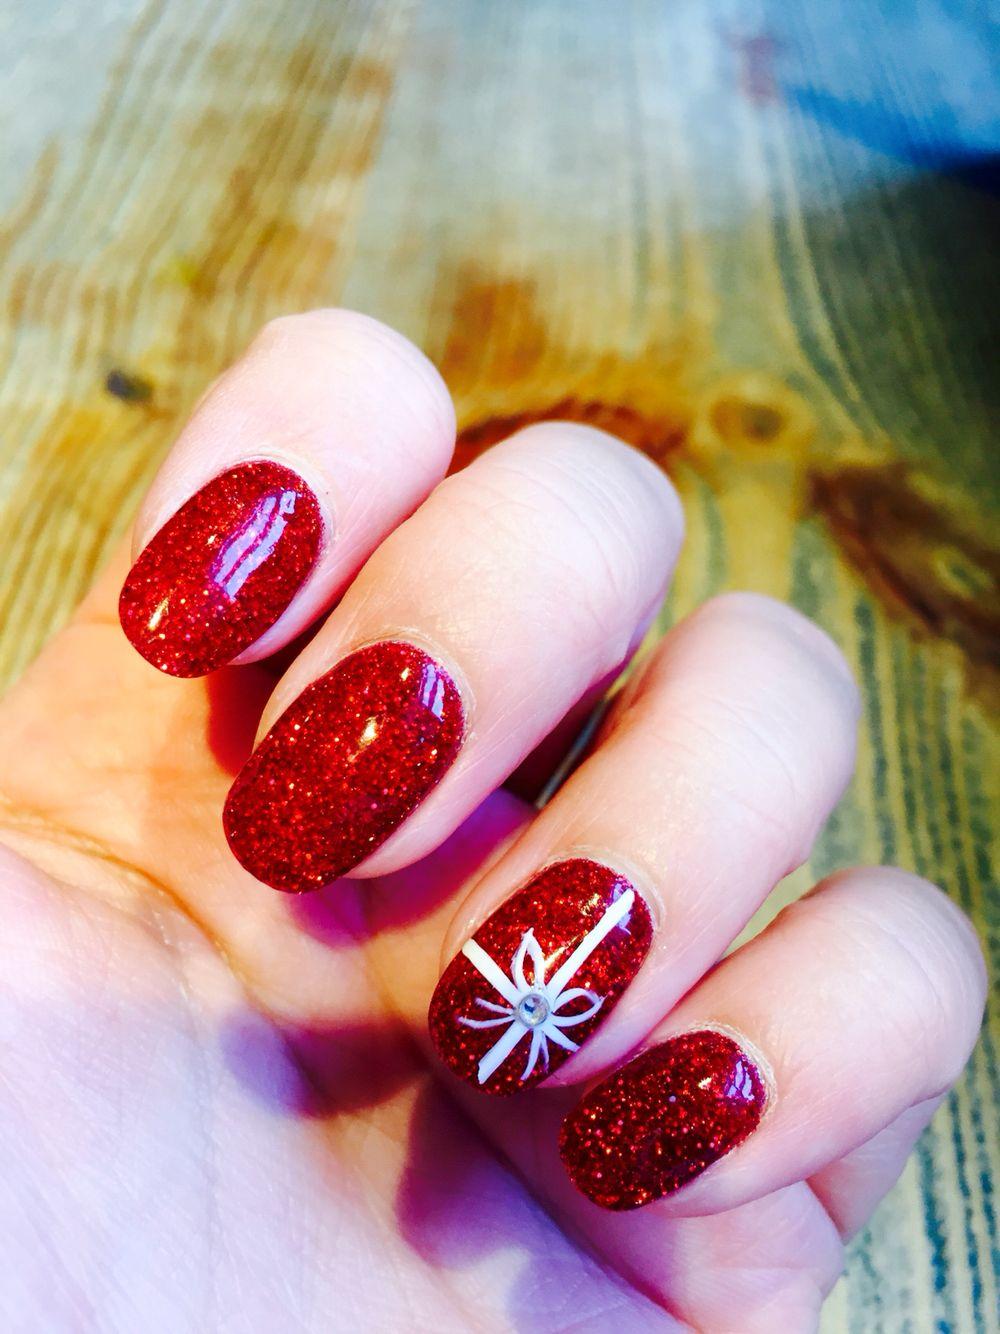 Festive Christmas Nails Christmas Nails Sns Holiday Nails Christmas Christmas Nail Designs Christmas Nail Colors